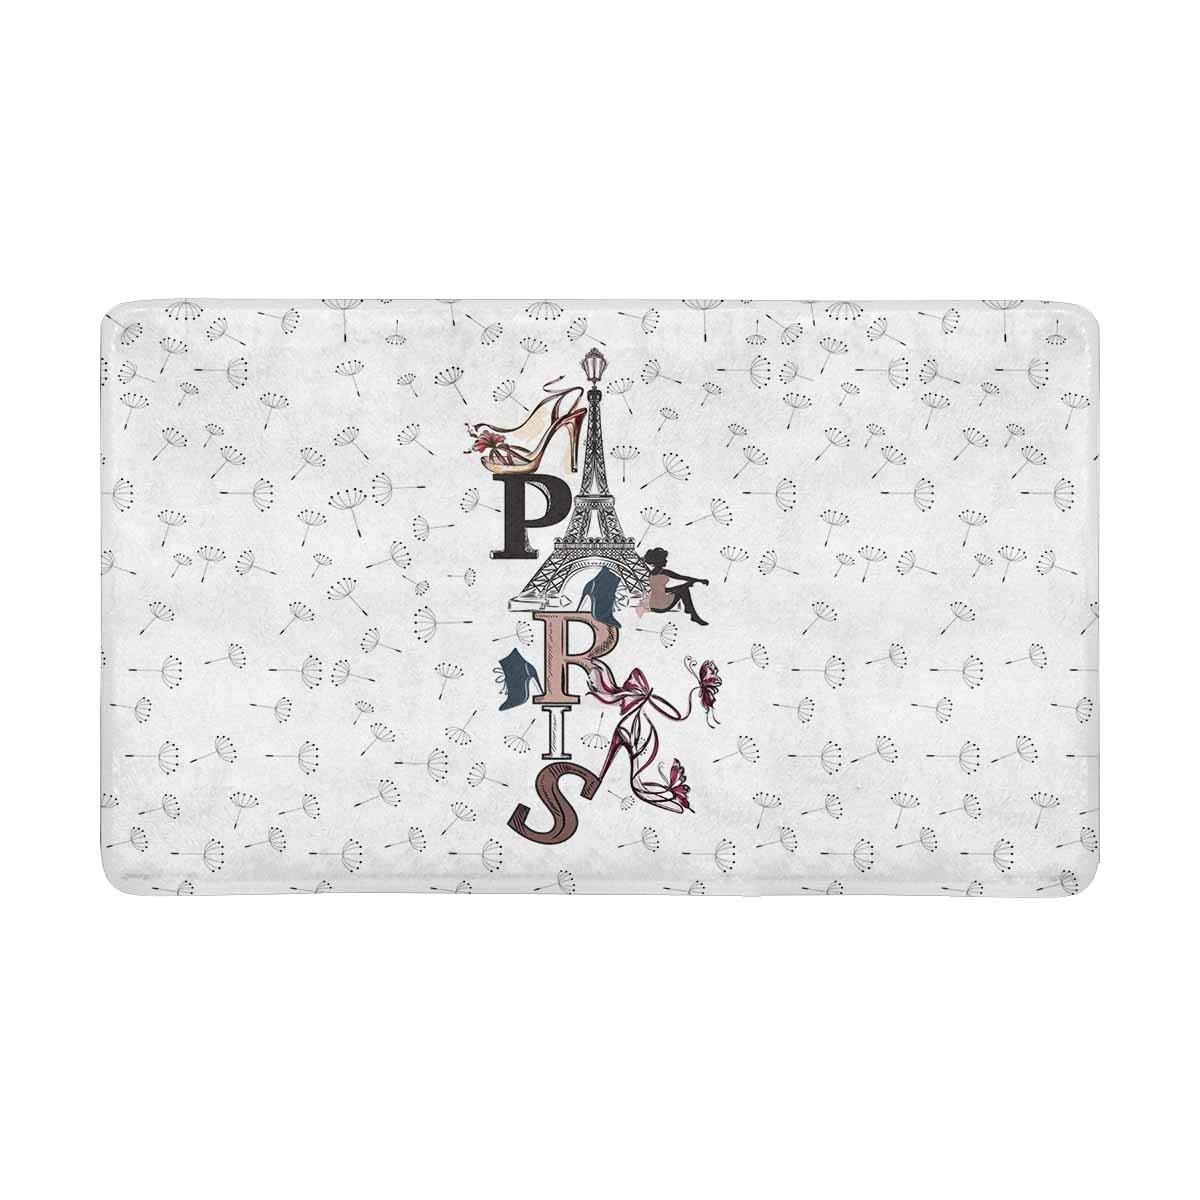 """InterestPrint Fashion Paris Eiffel Tower High Heel Girl and Dandelions Doormat Anti-Slip Entrance Mat Floor Rug Indoor/Outdoor/Front Door Mats Home Decor, Rubber Backing Large 30""""(L) x 18""""(W)"""